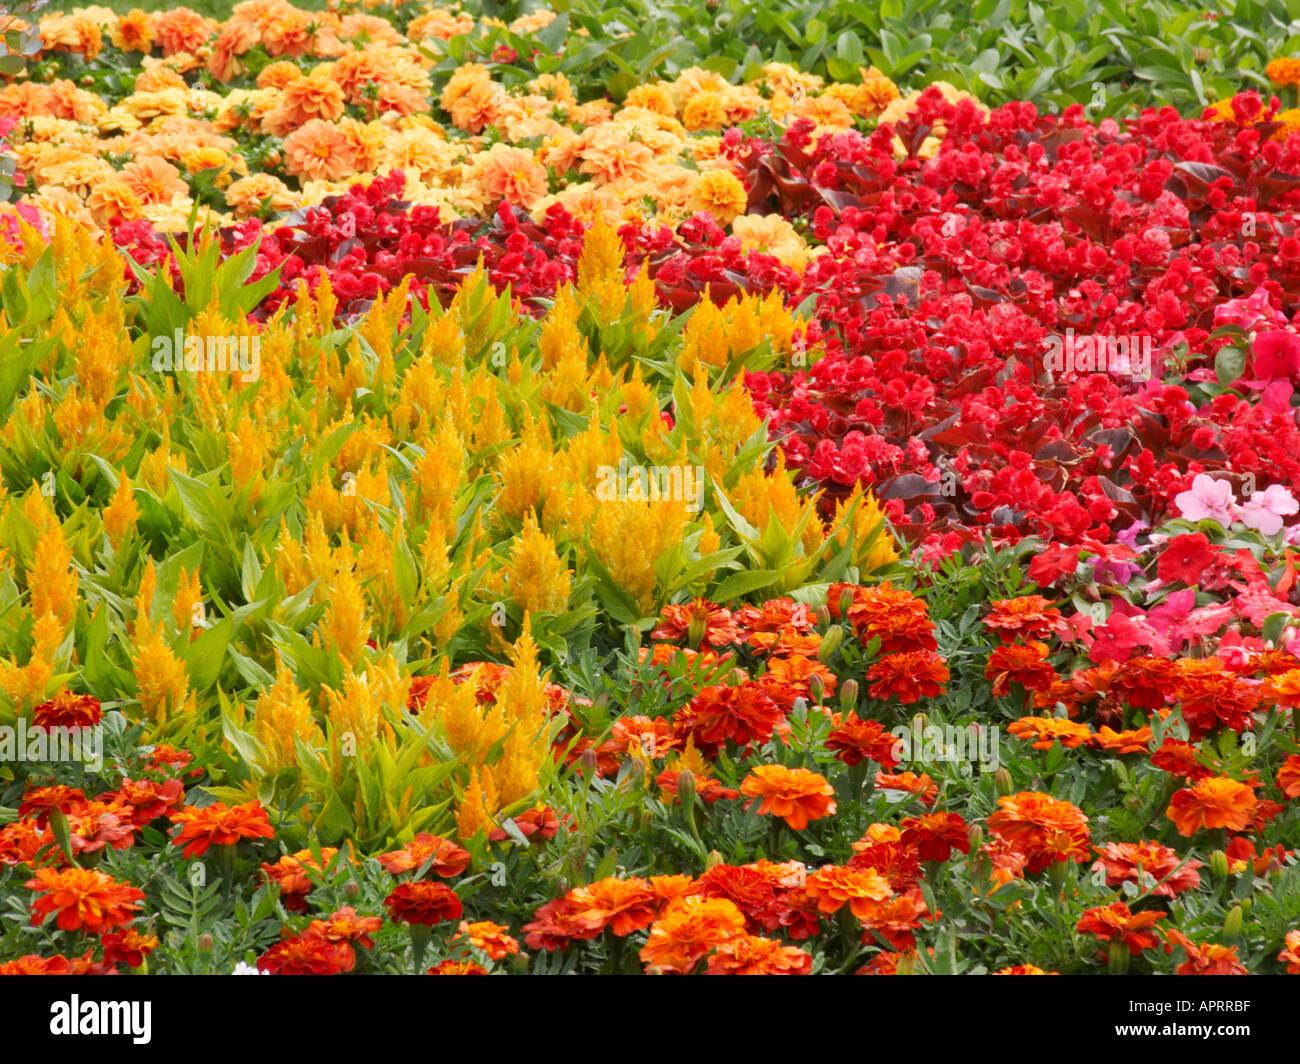 Tatton Blume zeigen traditionelle Rat bunte Sommerblumen einschließlich Celosia beschäftigt Sexplosion und Tagetes Pflanzen Stockfoto